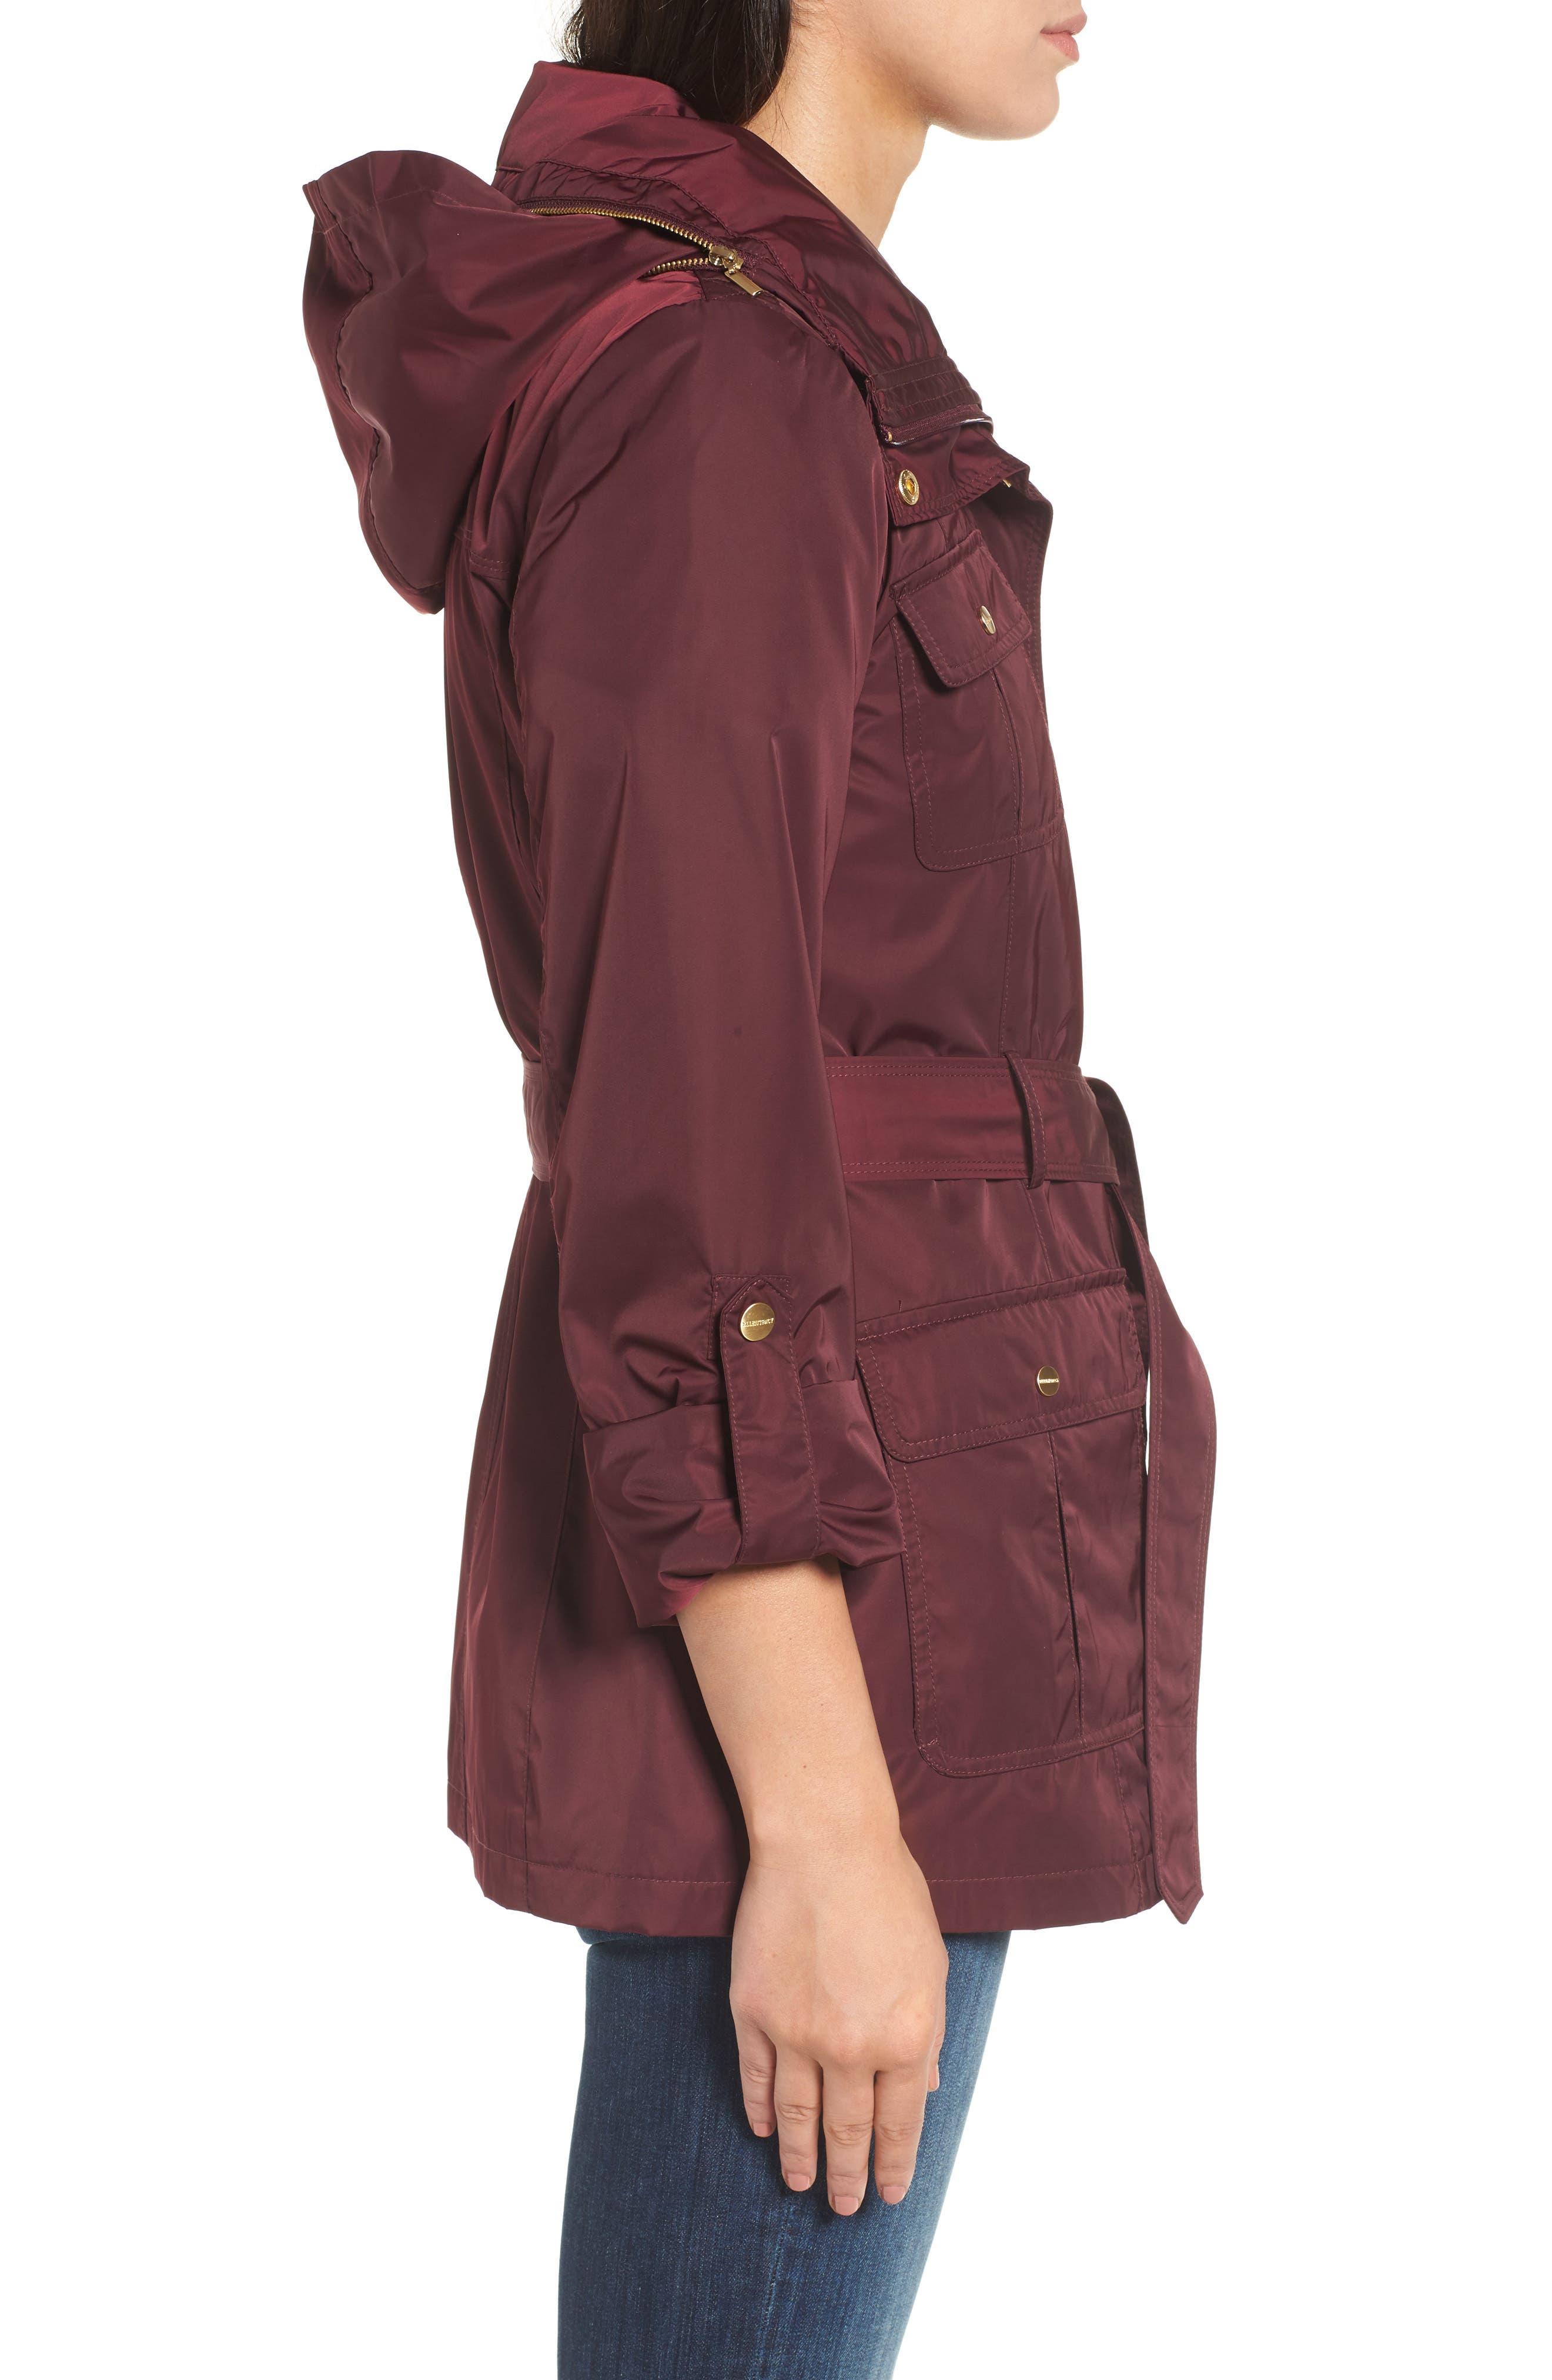 Techno Short Trench Coat,                             Alternate thumbnail 3, color,                             Burgundy